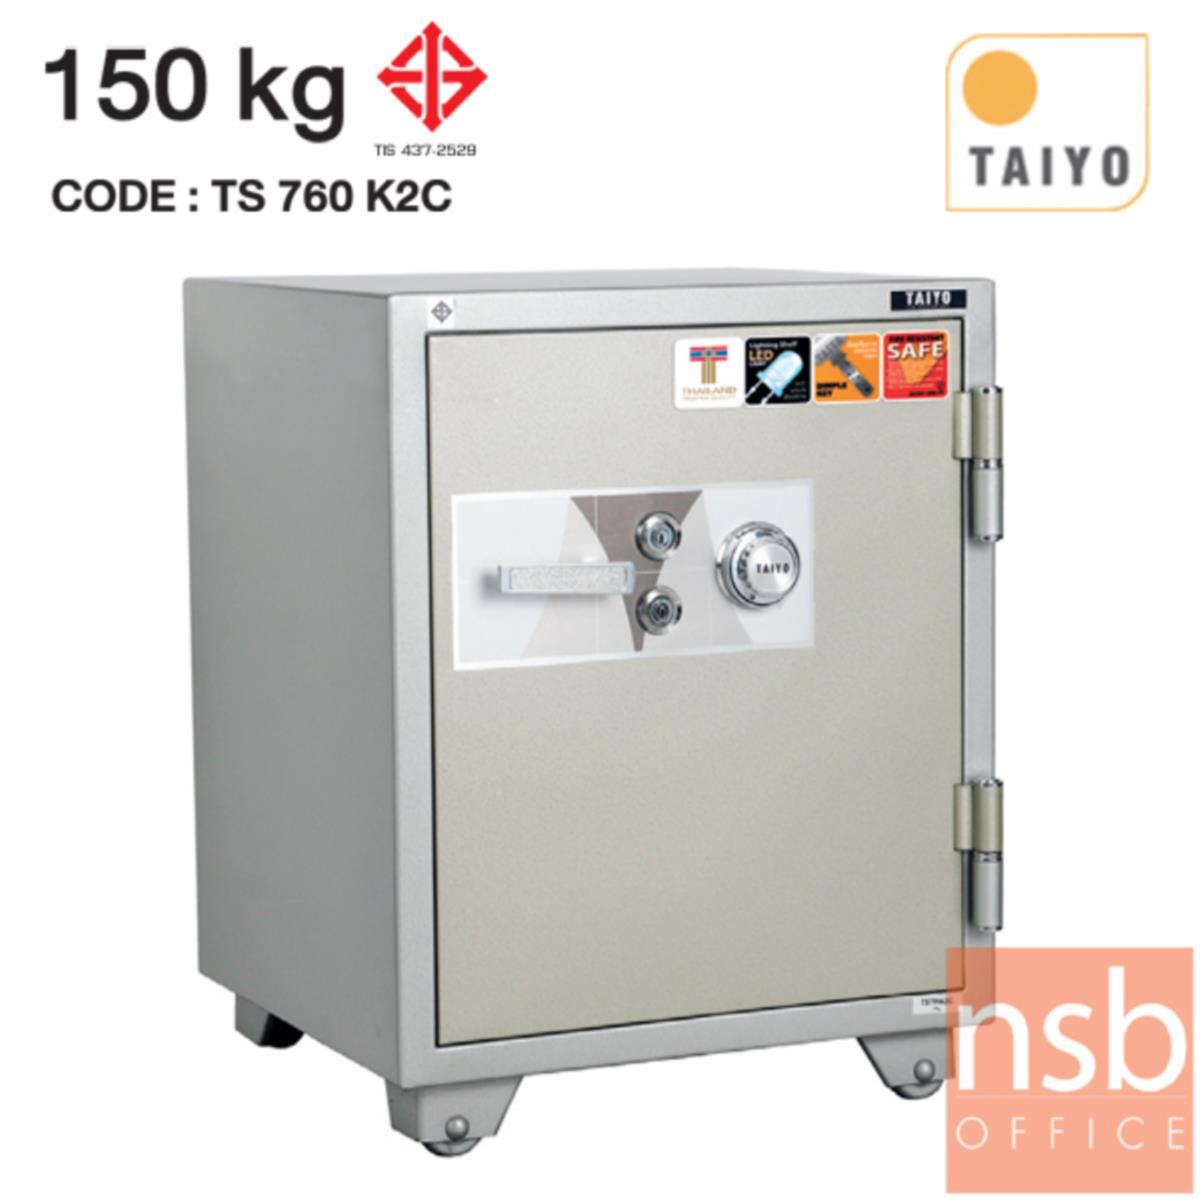 F01A009:ตู้เซฟ TAIYO 150 กก. 2 กุญแจ 1 รหัส   (TS 760 K2C มอก.)